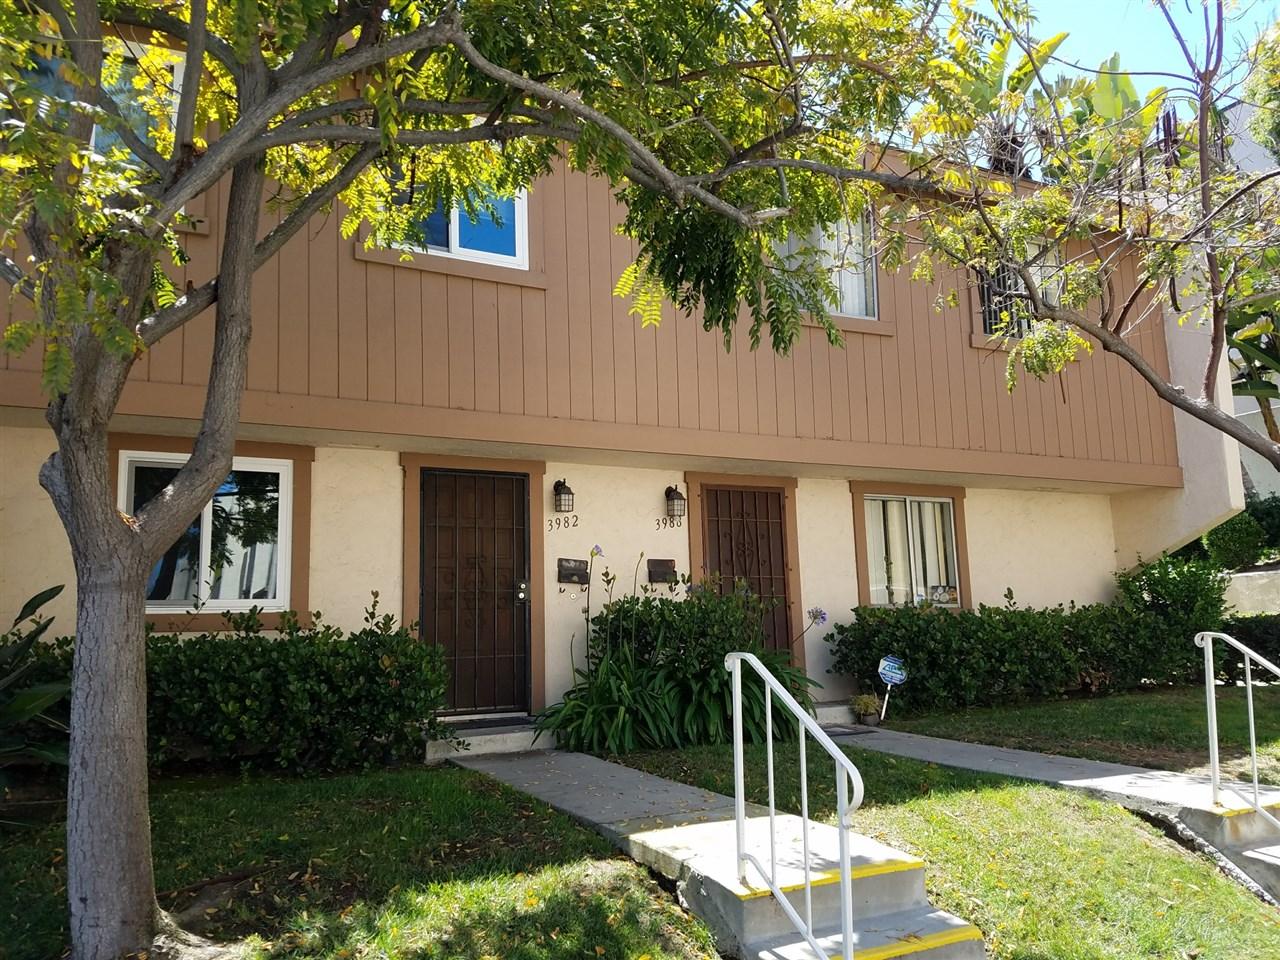 3988 Caminito Patricia, San Diego, CA 92111